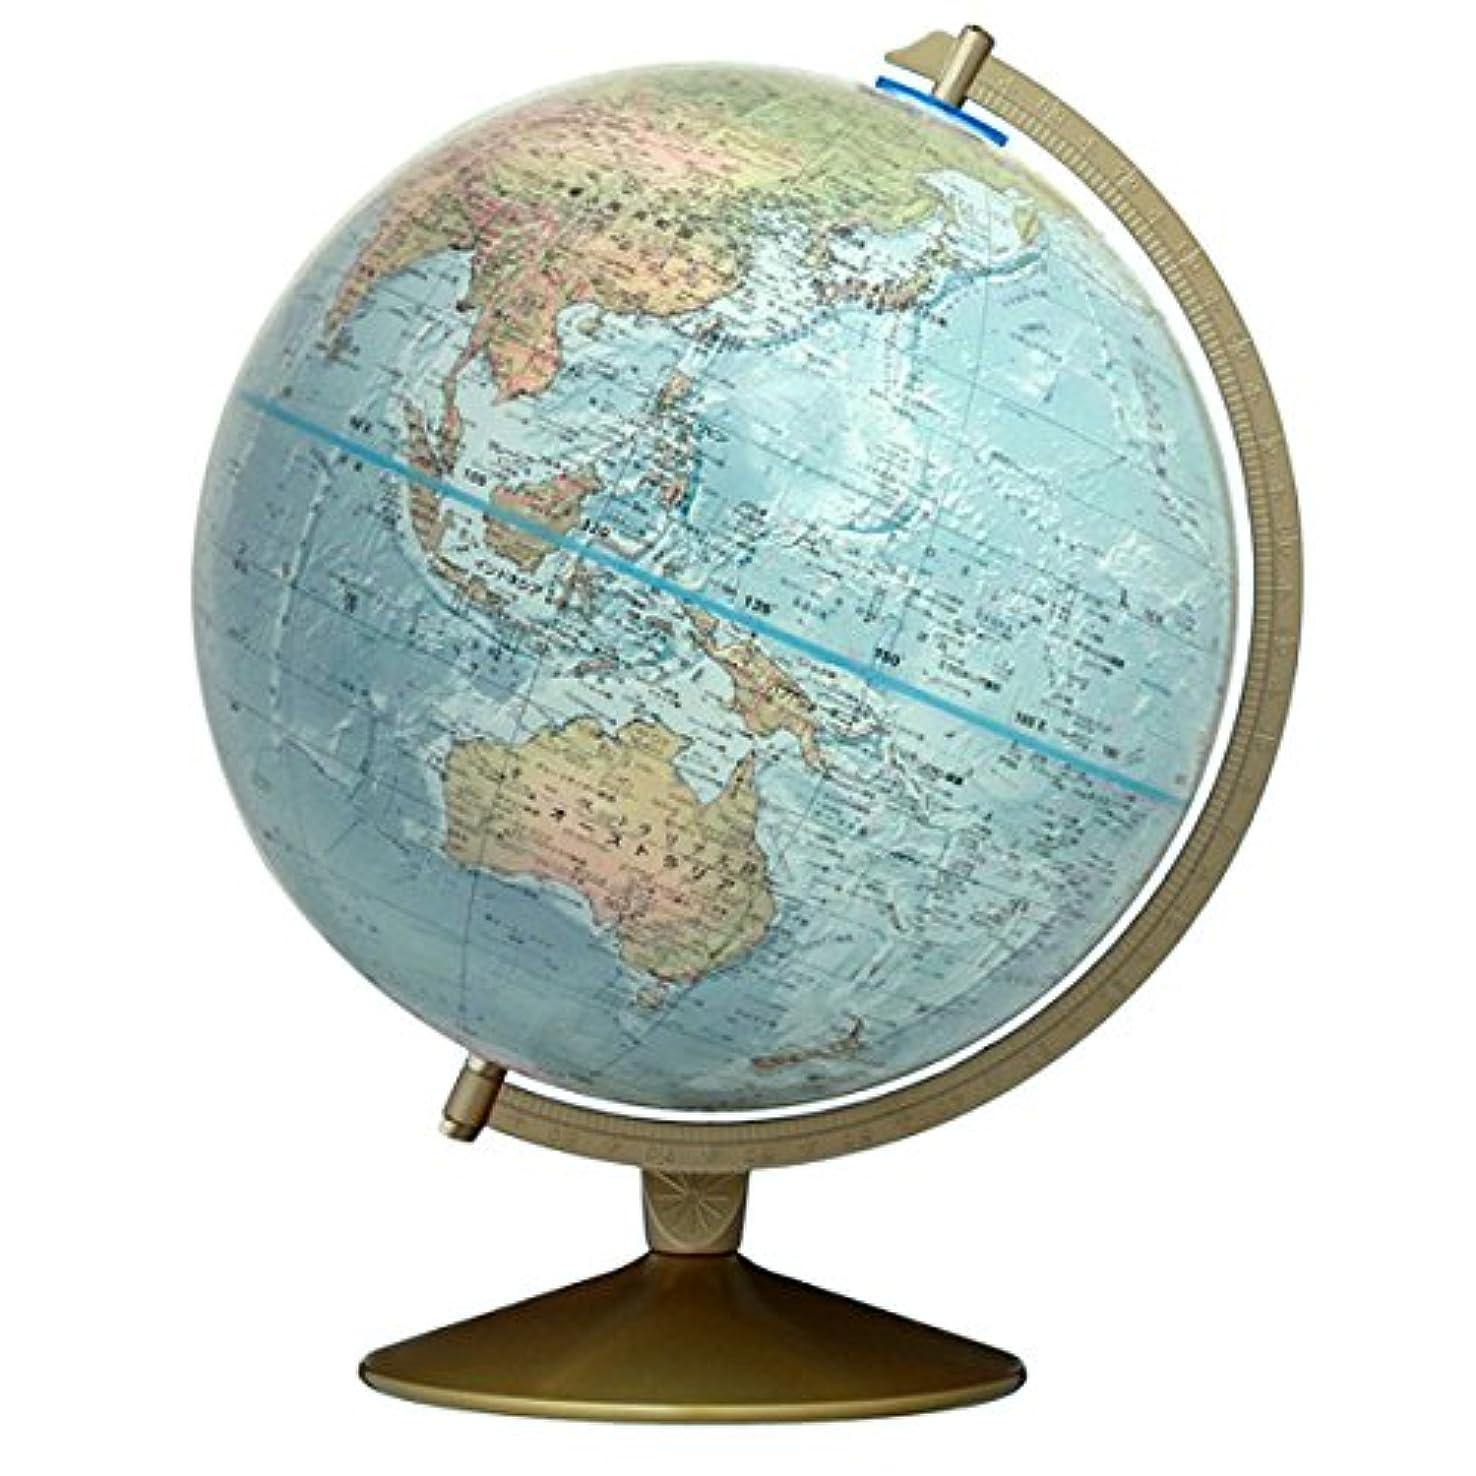 高架ファイバ露出度の高いリプルーグル地球儀 マリナー型 英語版 33500 球径30cm 地勢型 山岳起伏加工 照明なし ワールド?オーシャン?シリーズ